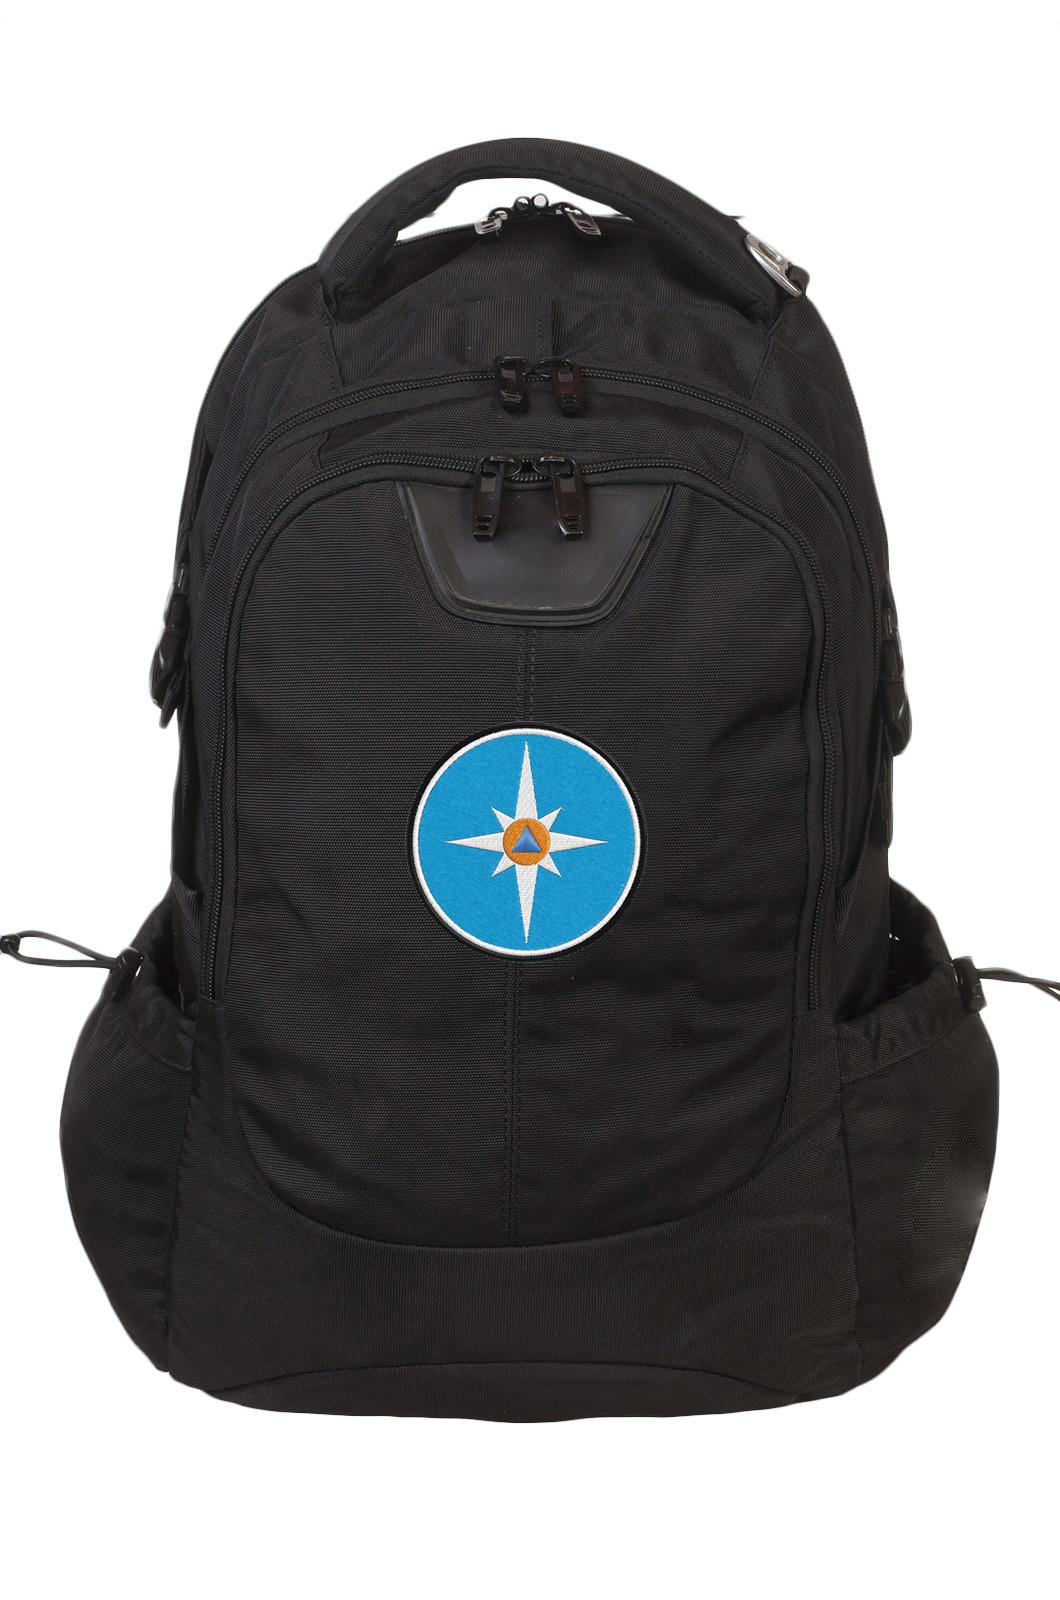 Эргономичный стильный рюкзак с нашивкой МЧС